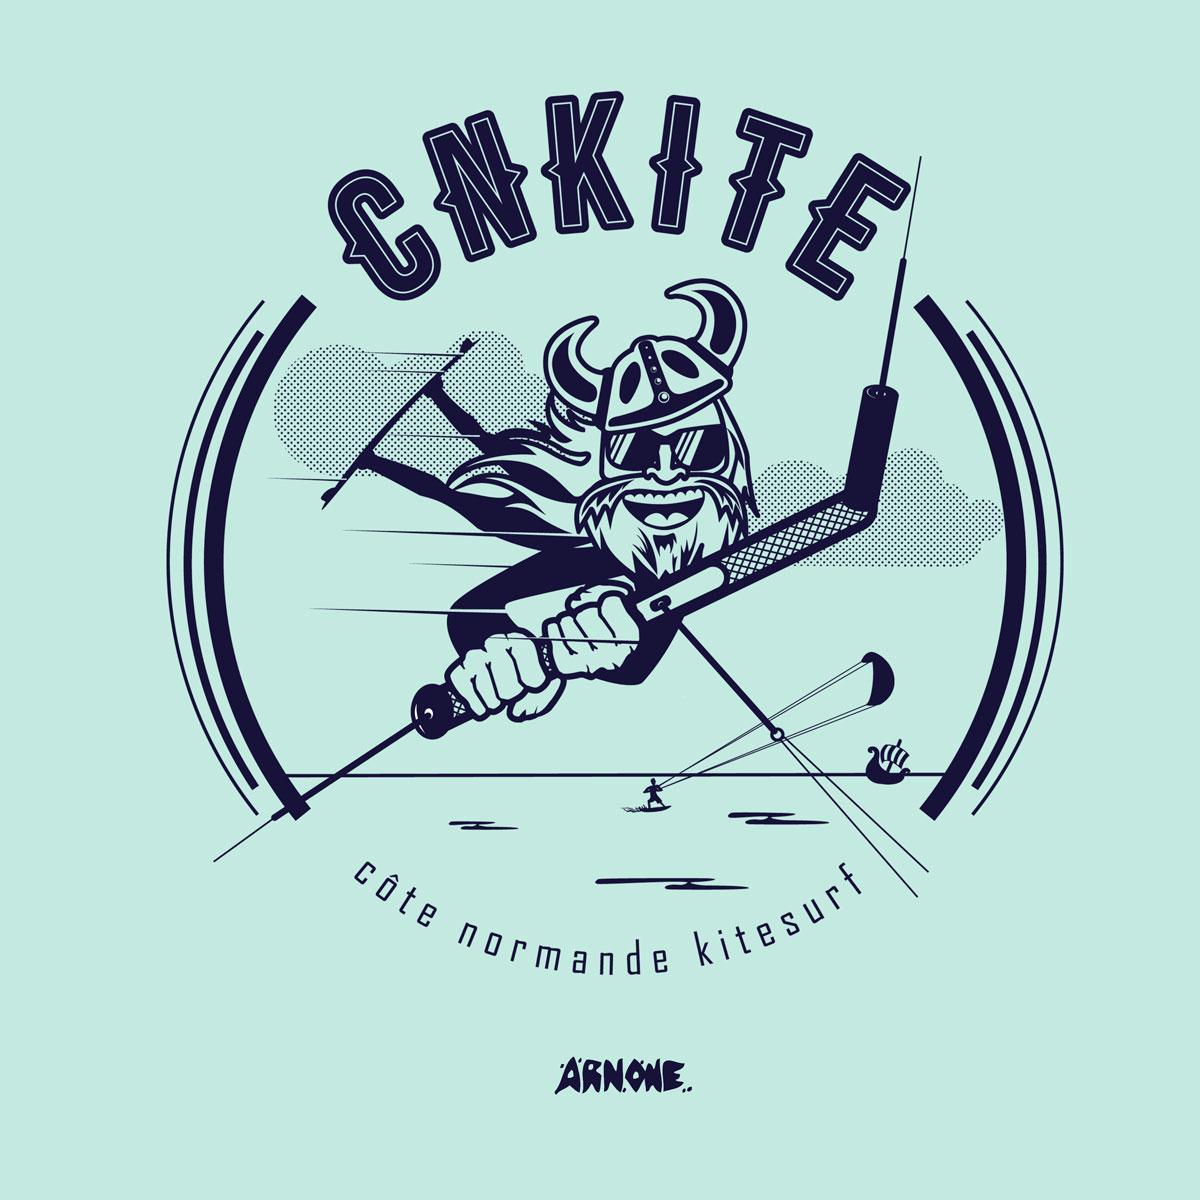 arnone-cnkite